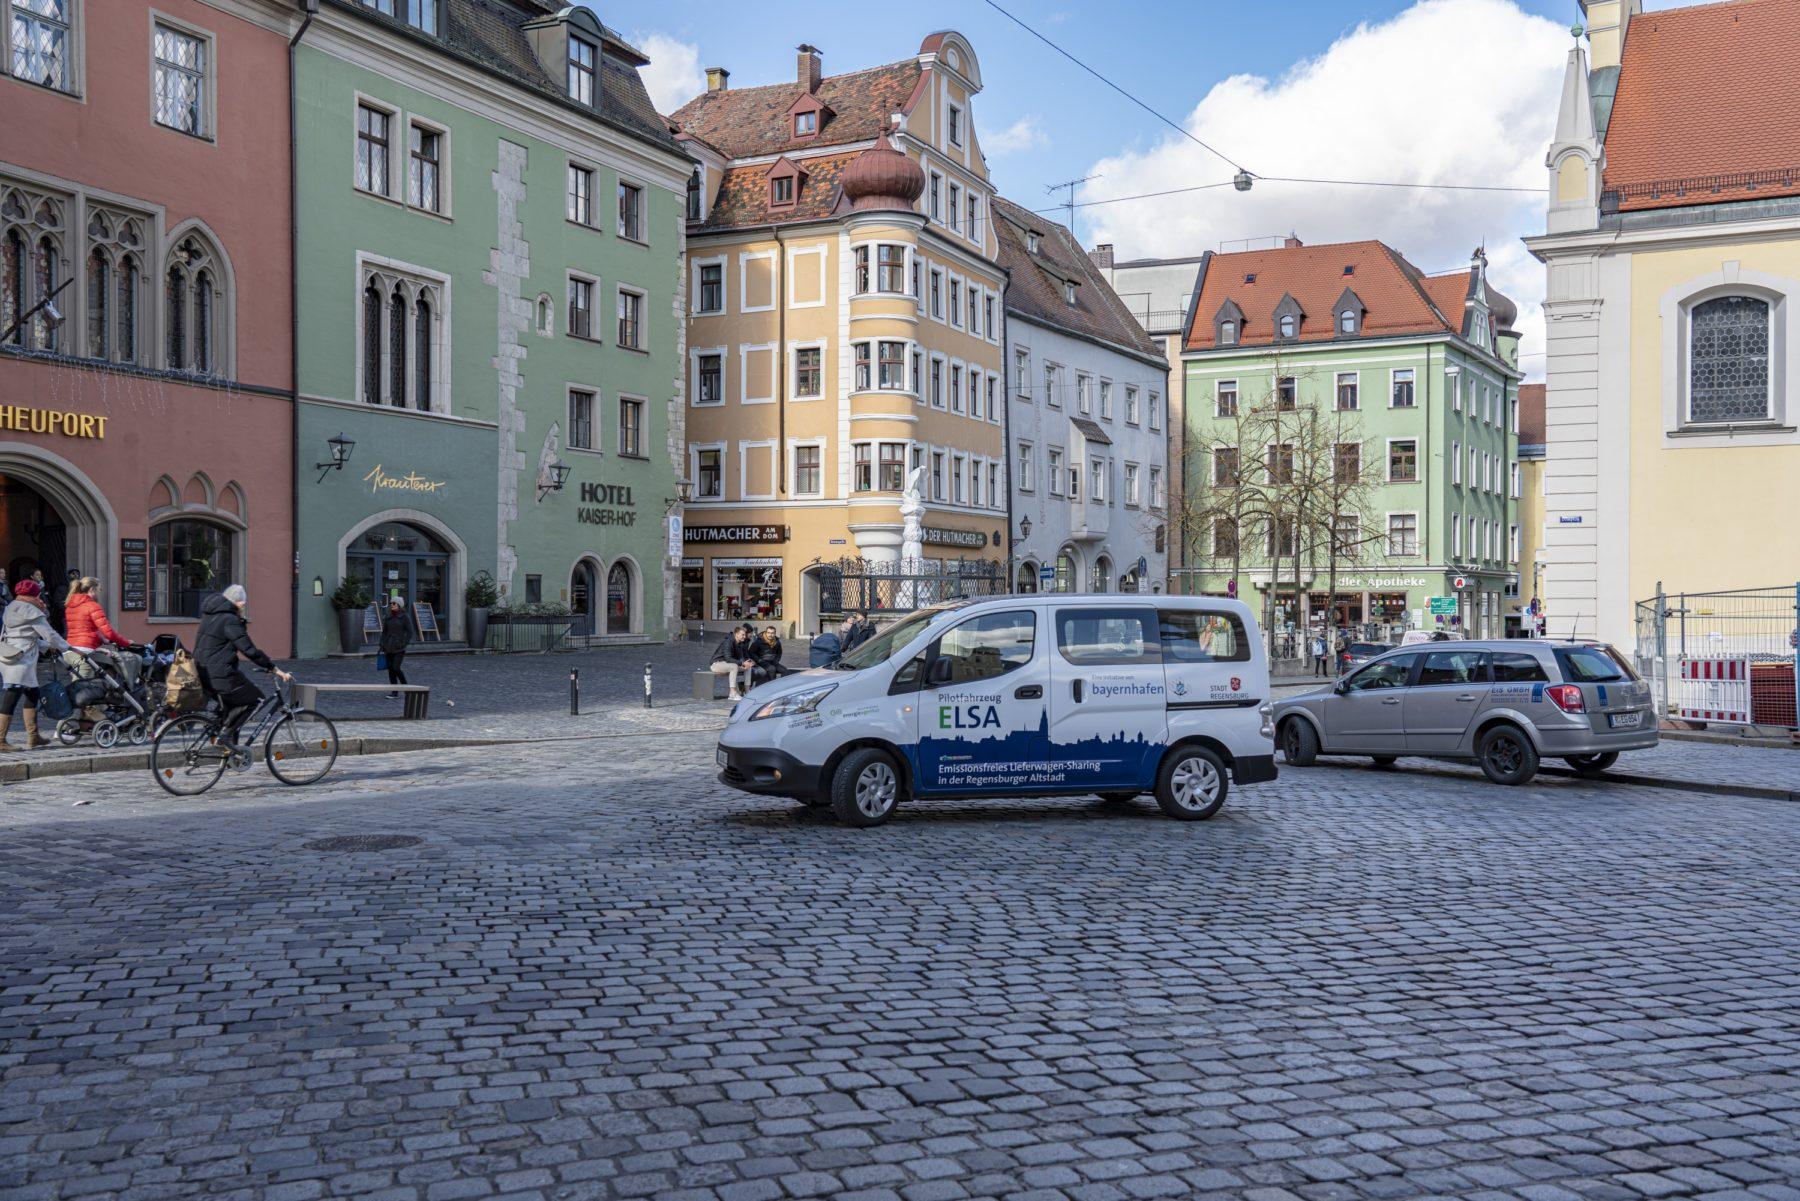 Elsa_Lieferwagensharing_Altstadt Regensburg bayernhafen